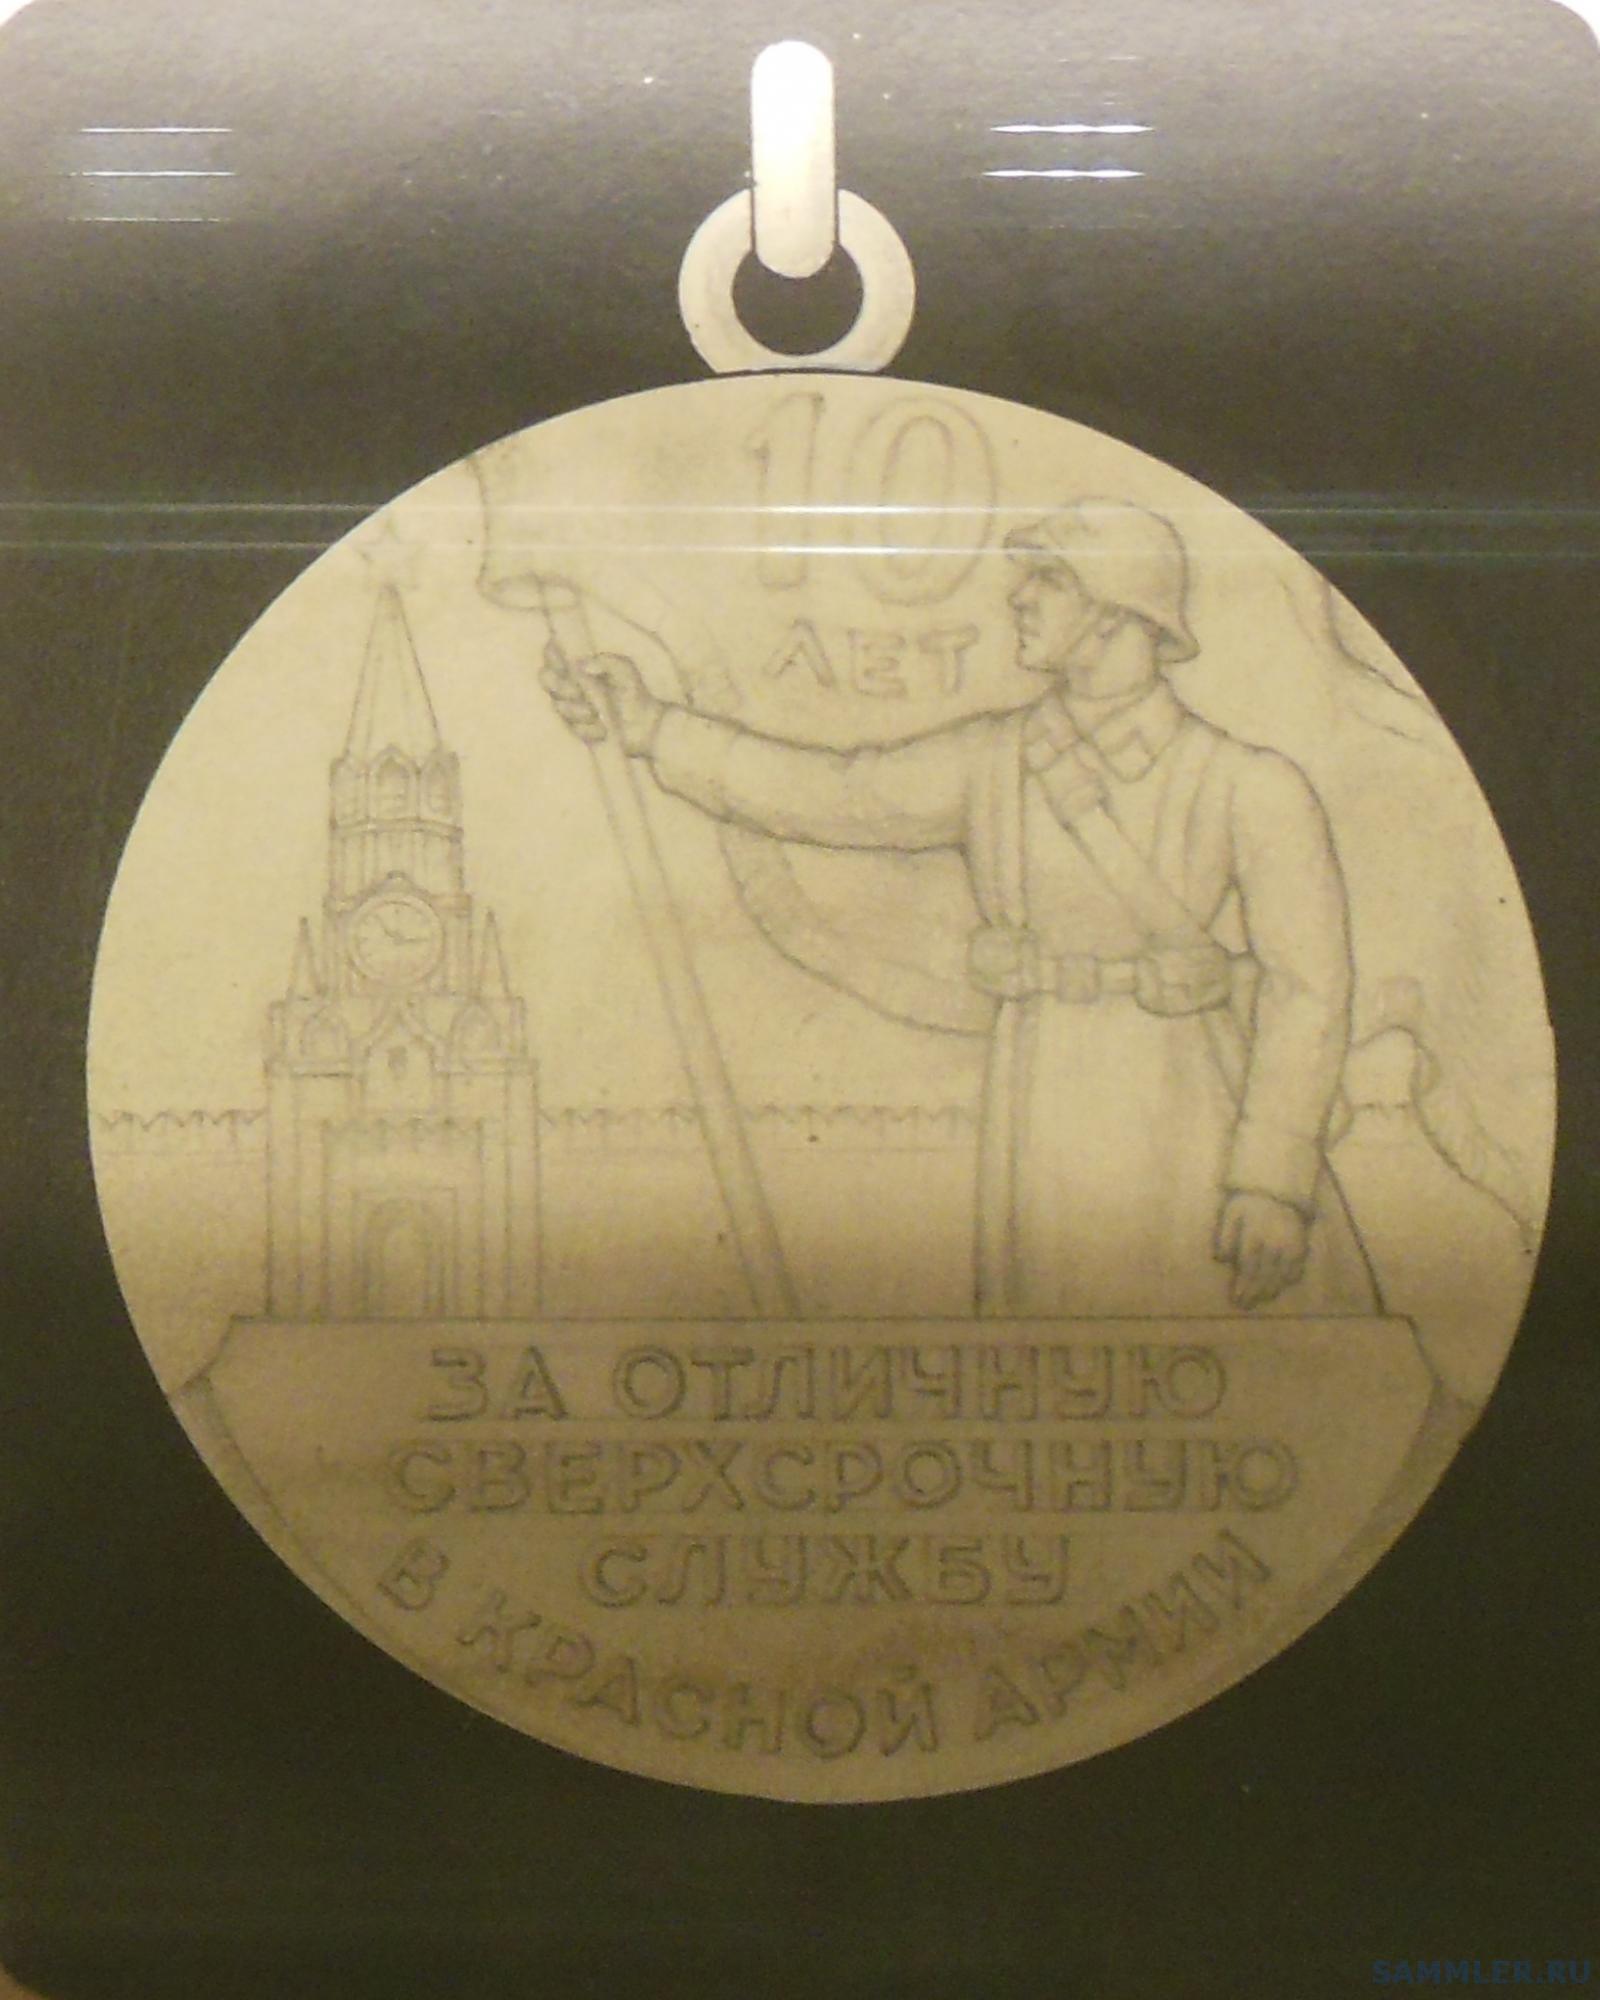 Проект медали За отличную сверхсроч. службу - С.И. Дмитриев, 1940 2.JPG